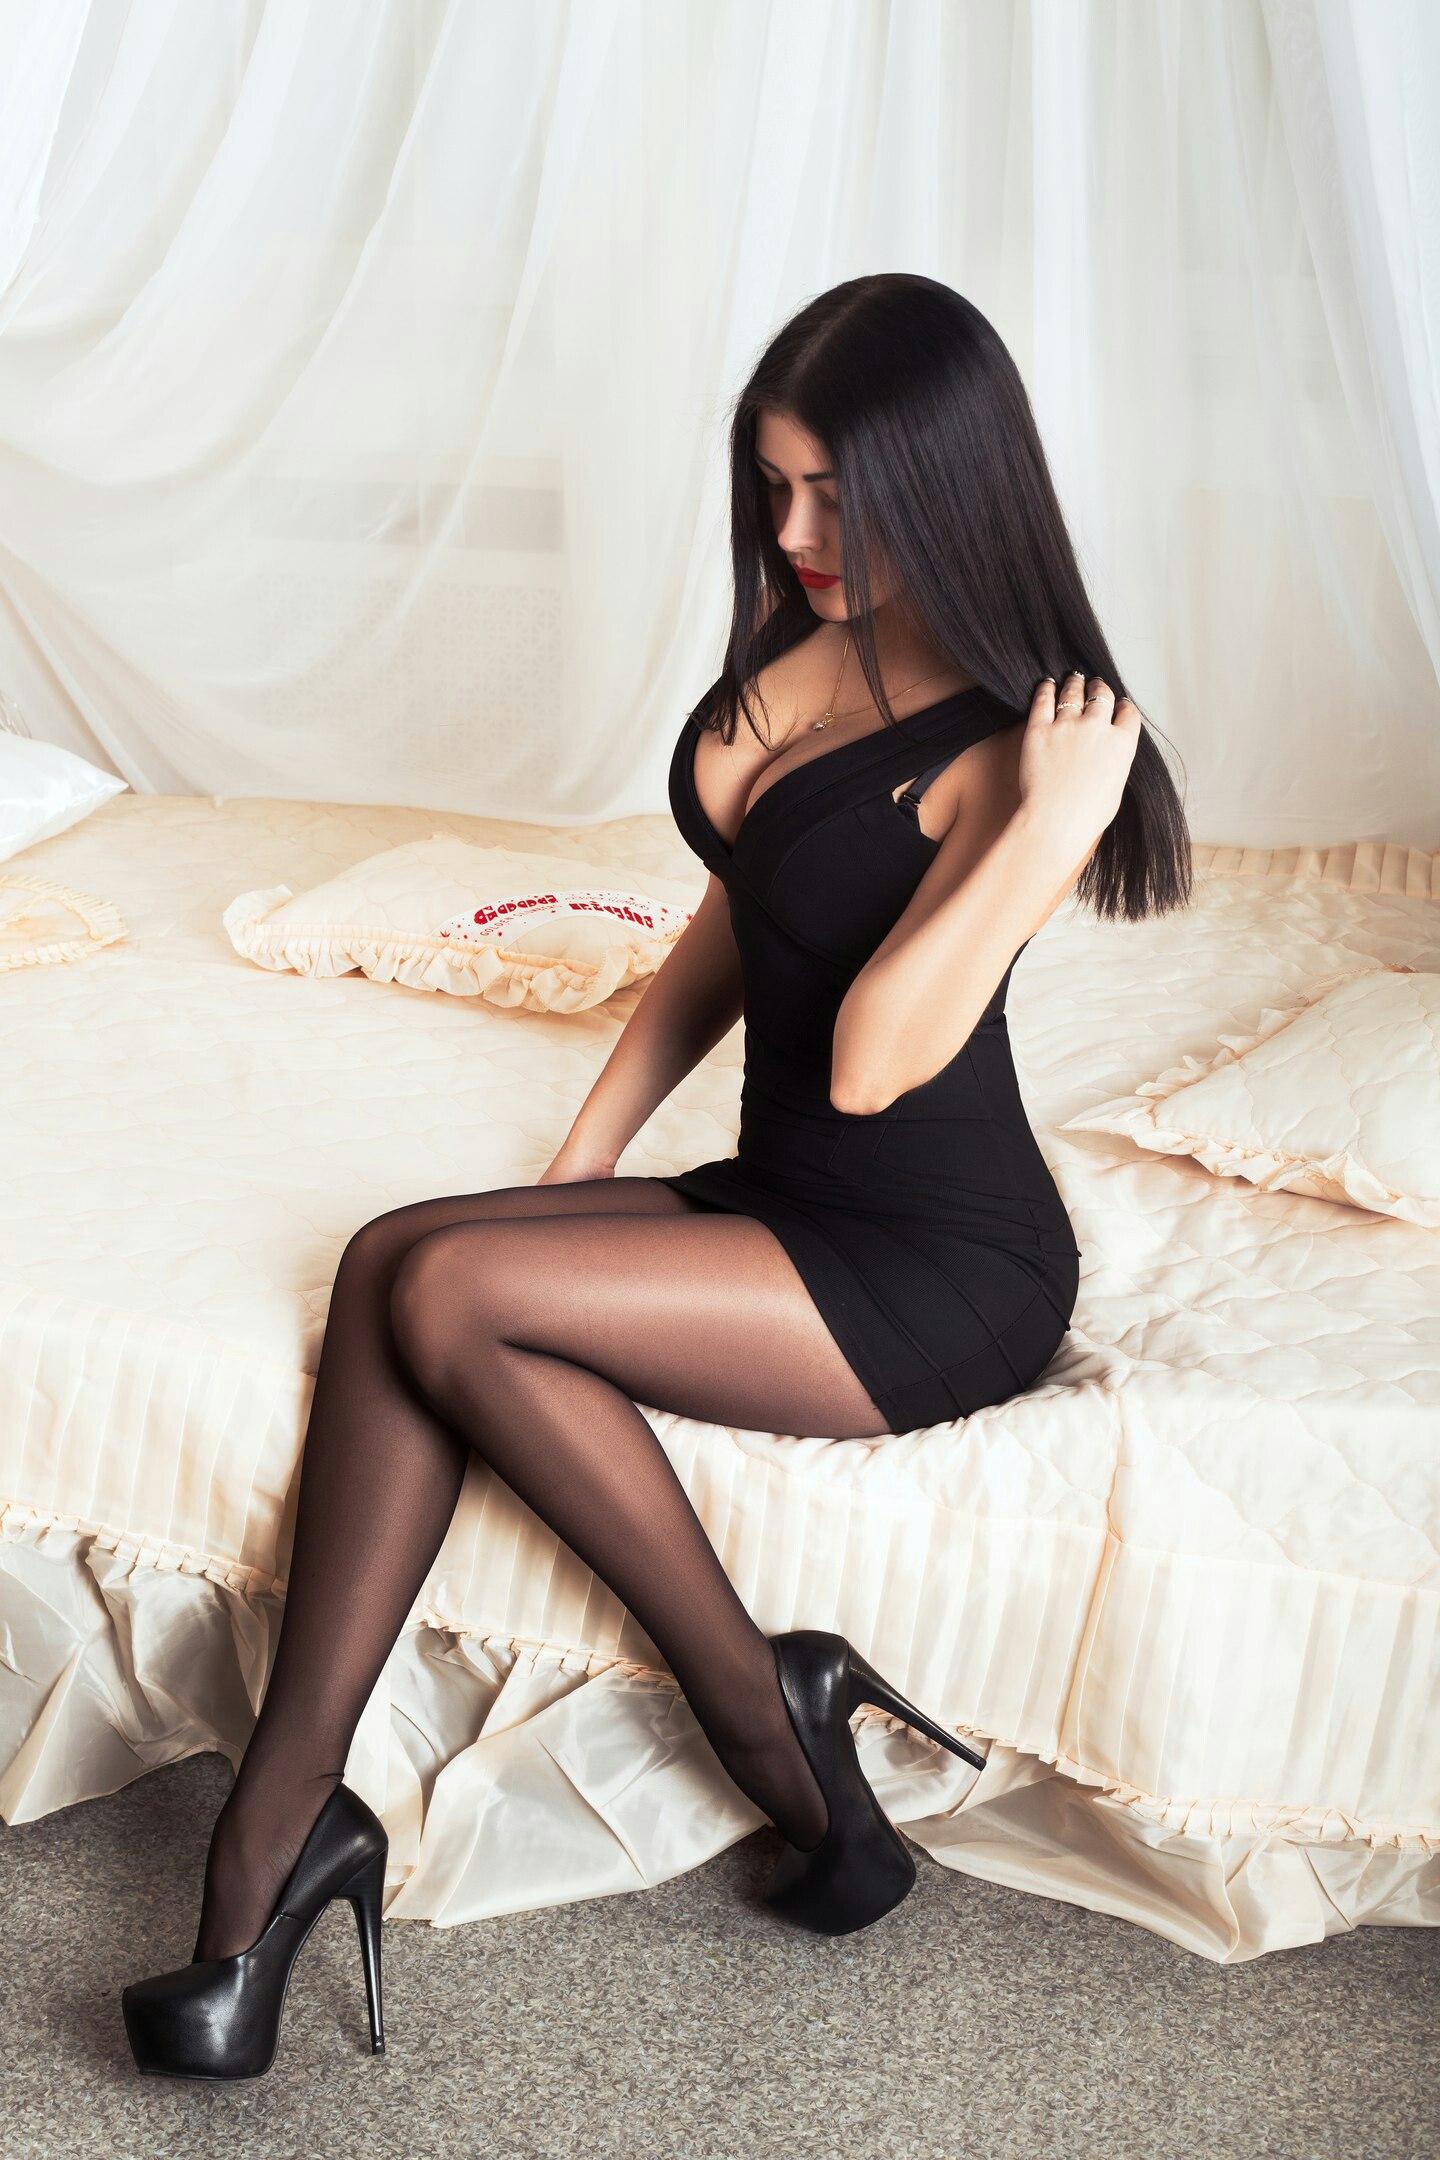 Тюмень девочки индивидуалки цены проституток архангельск